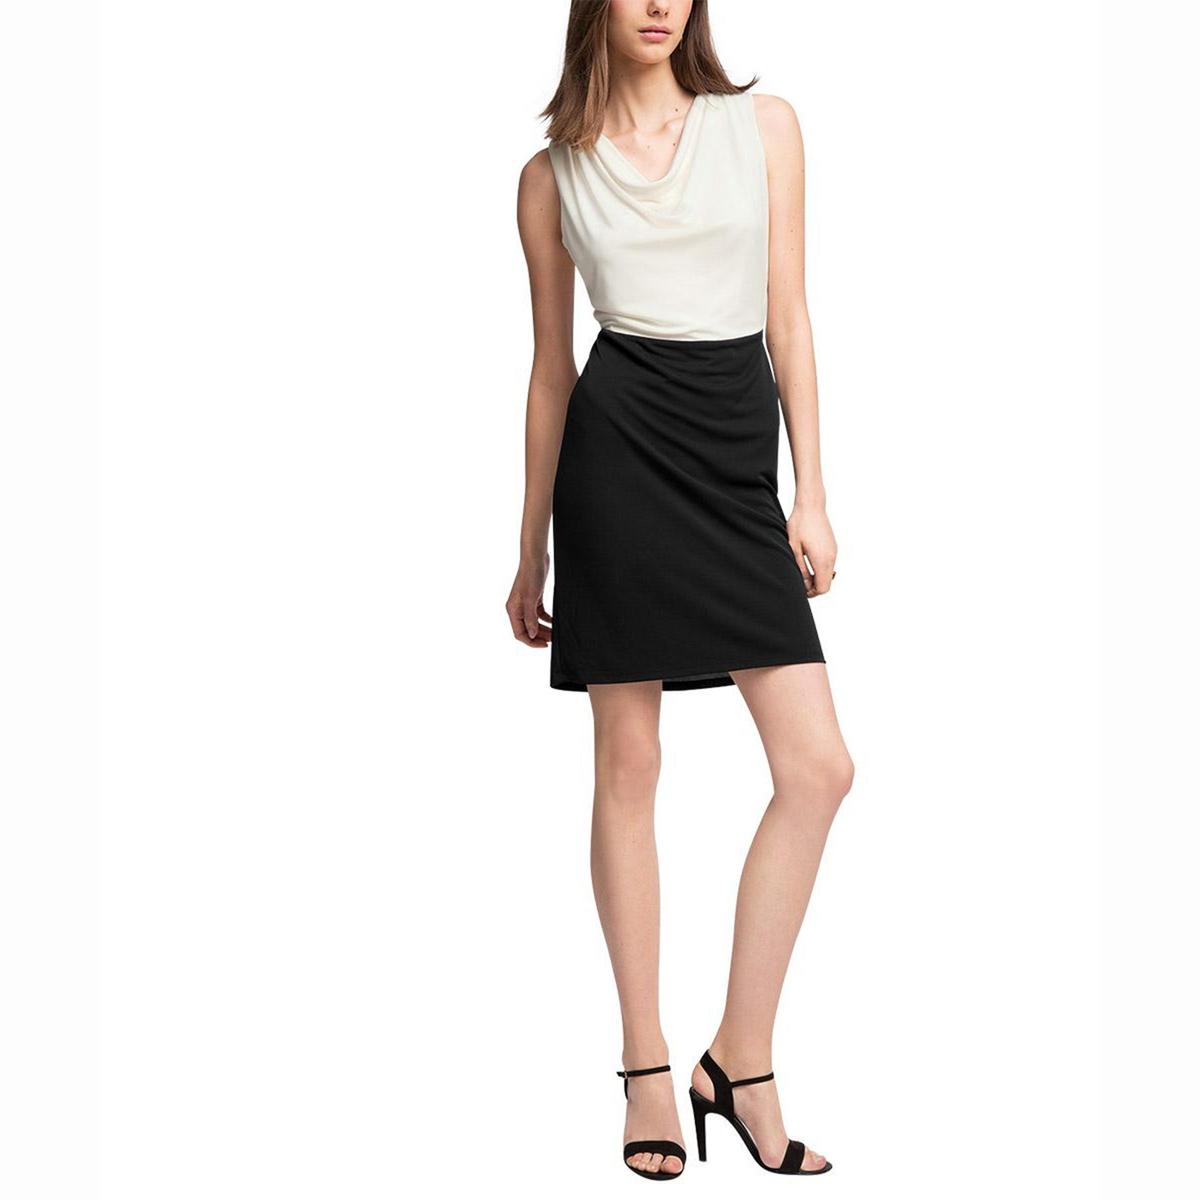 Платье двухцветное без рукавовСостав и описаниеМатериал: 100% полиэстера.Марка: ESPRITРазмеры: для размера S : длина от середины спинки ок.. 95 см (может слегка отличаться в зависимости от размера)<br><br>Цвет: экрю/черный<br>Размер: XL